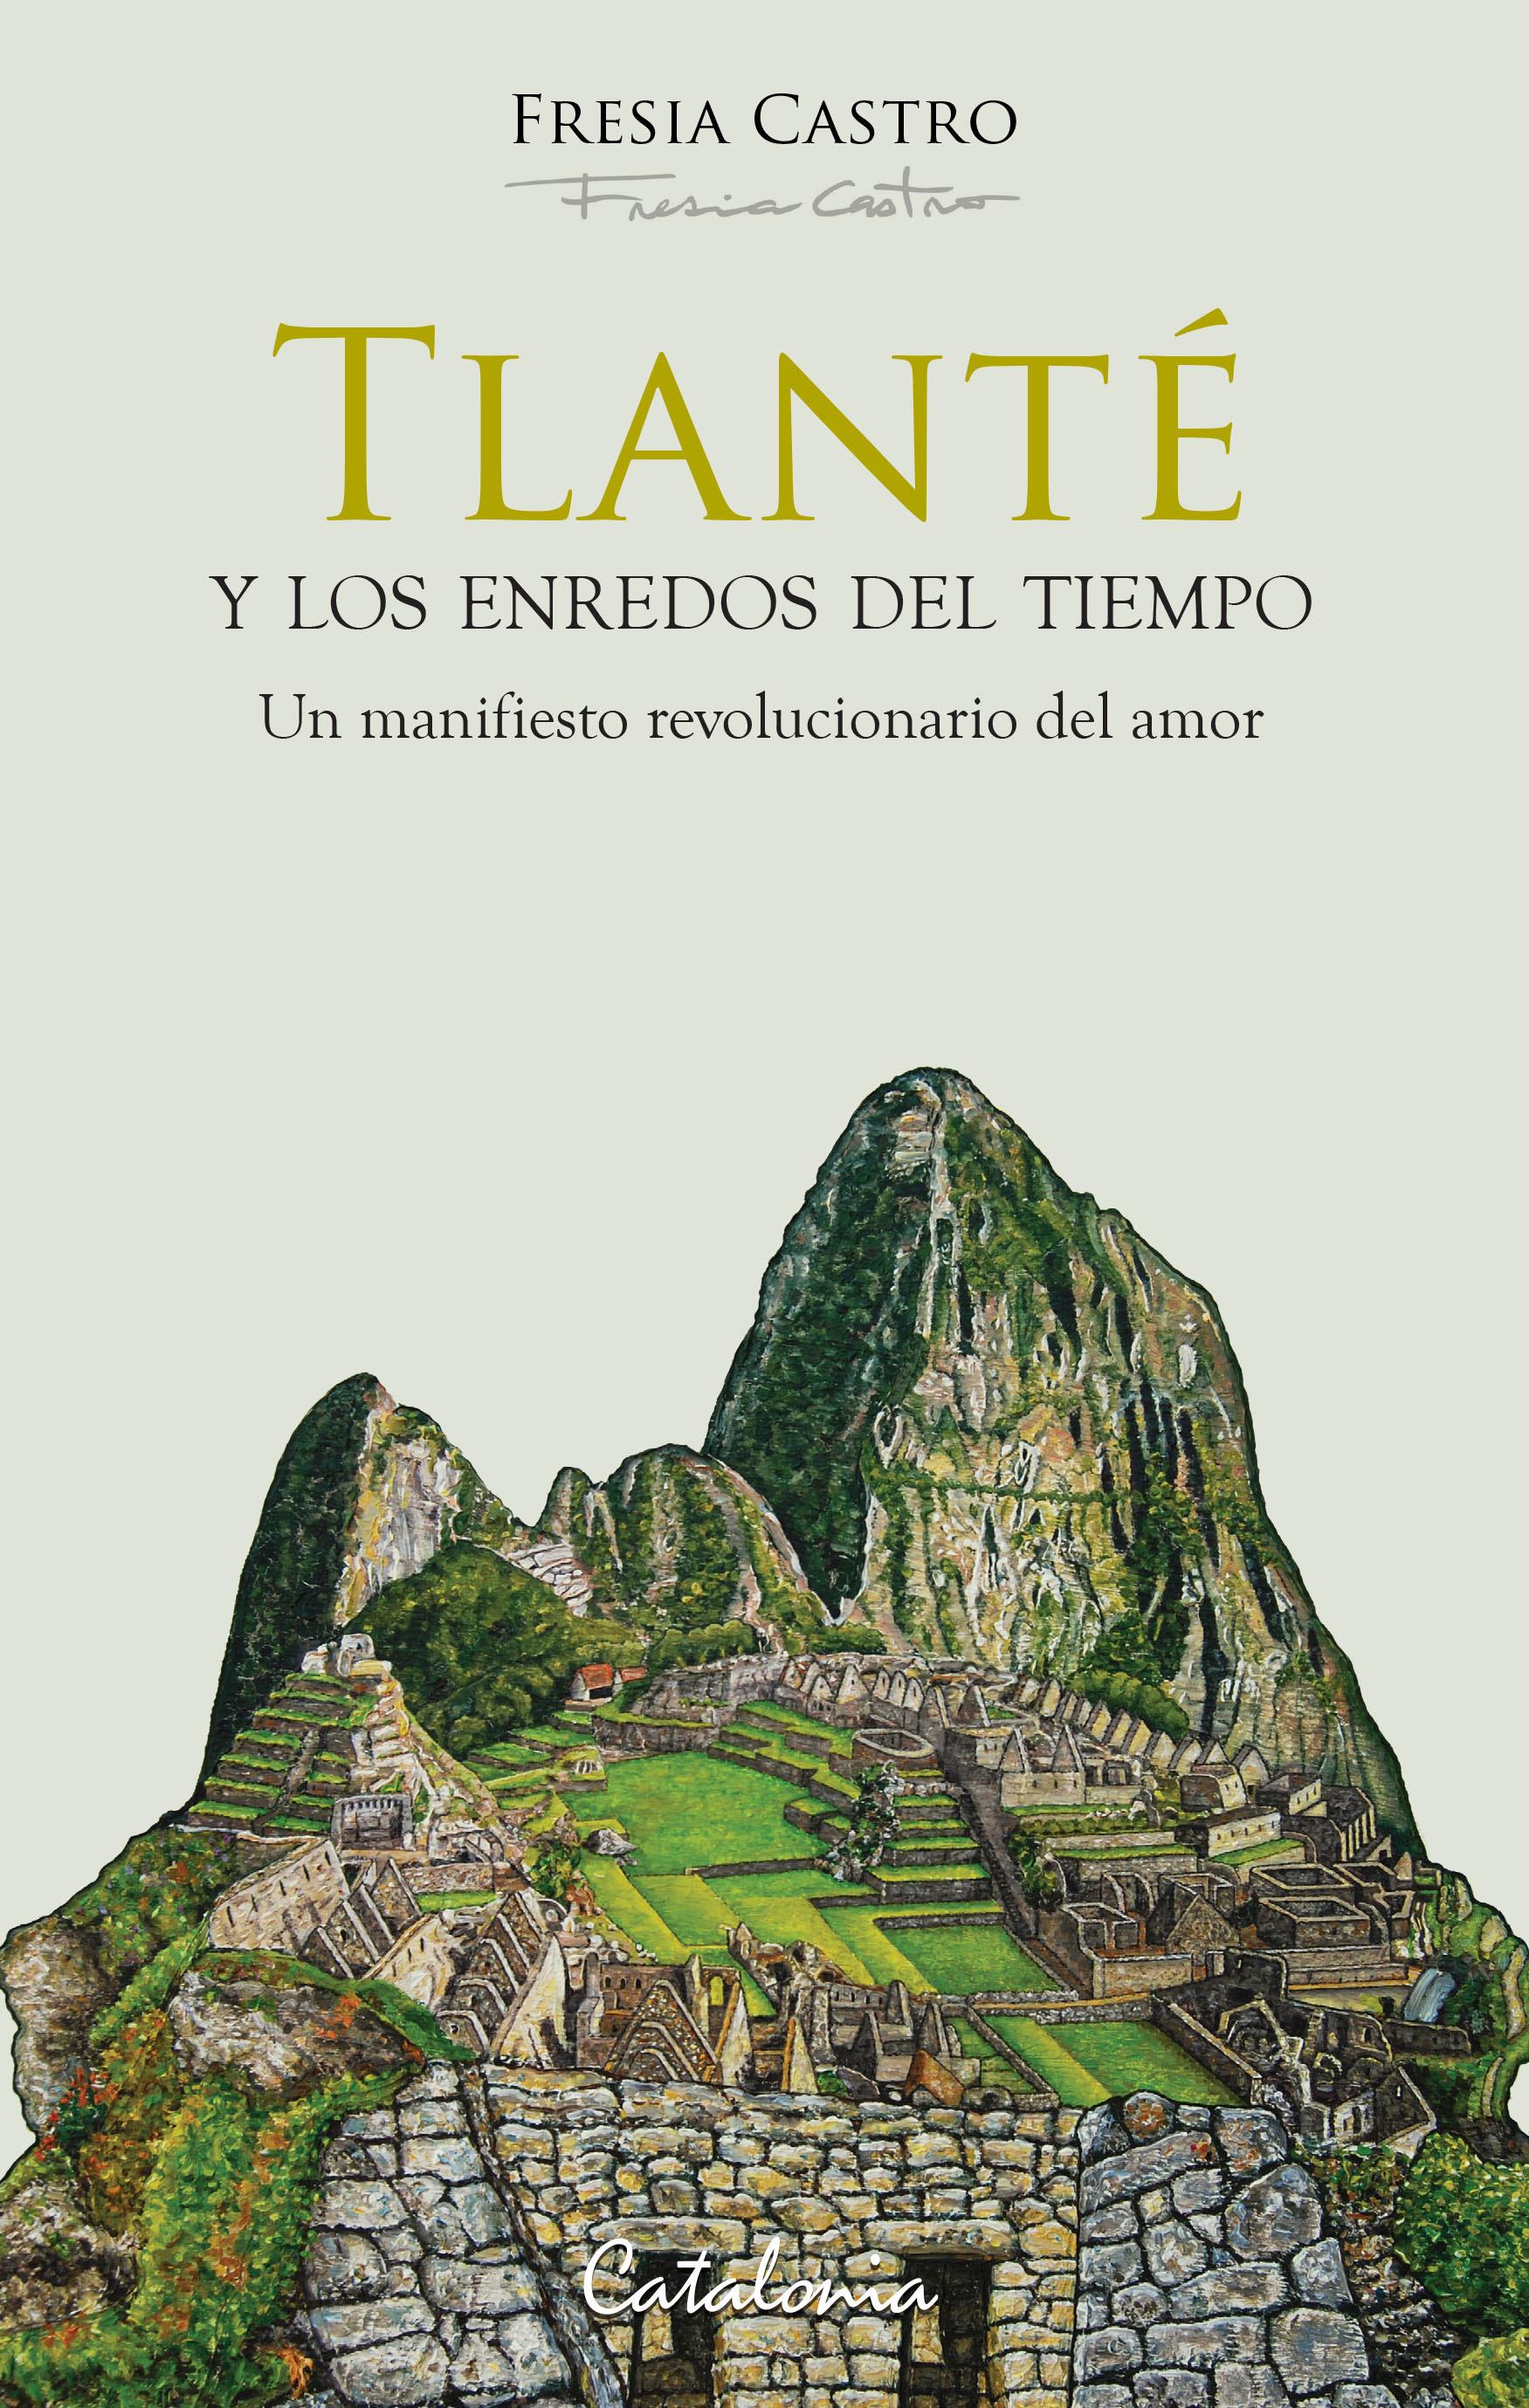 TLANTE Y LOS ENREDOS DEL TIEMPO